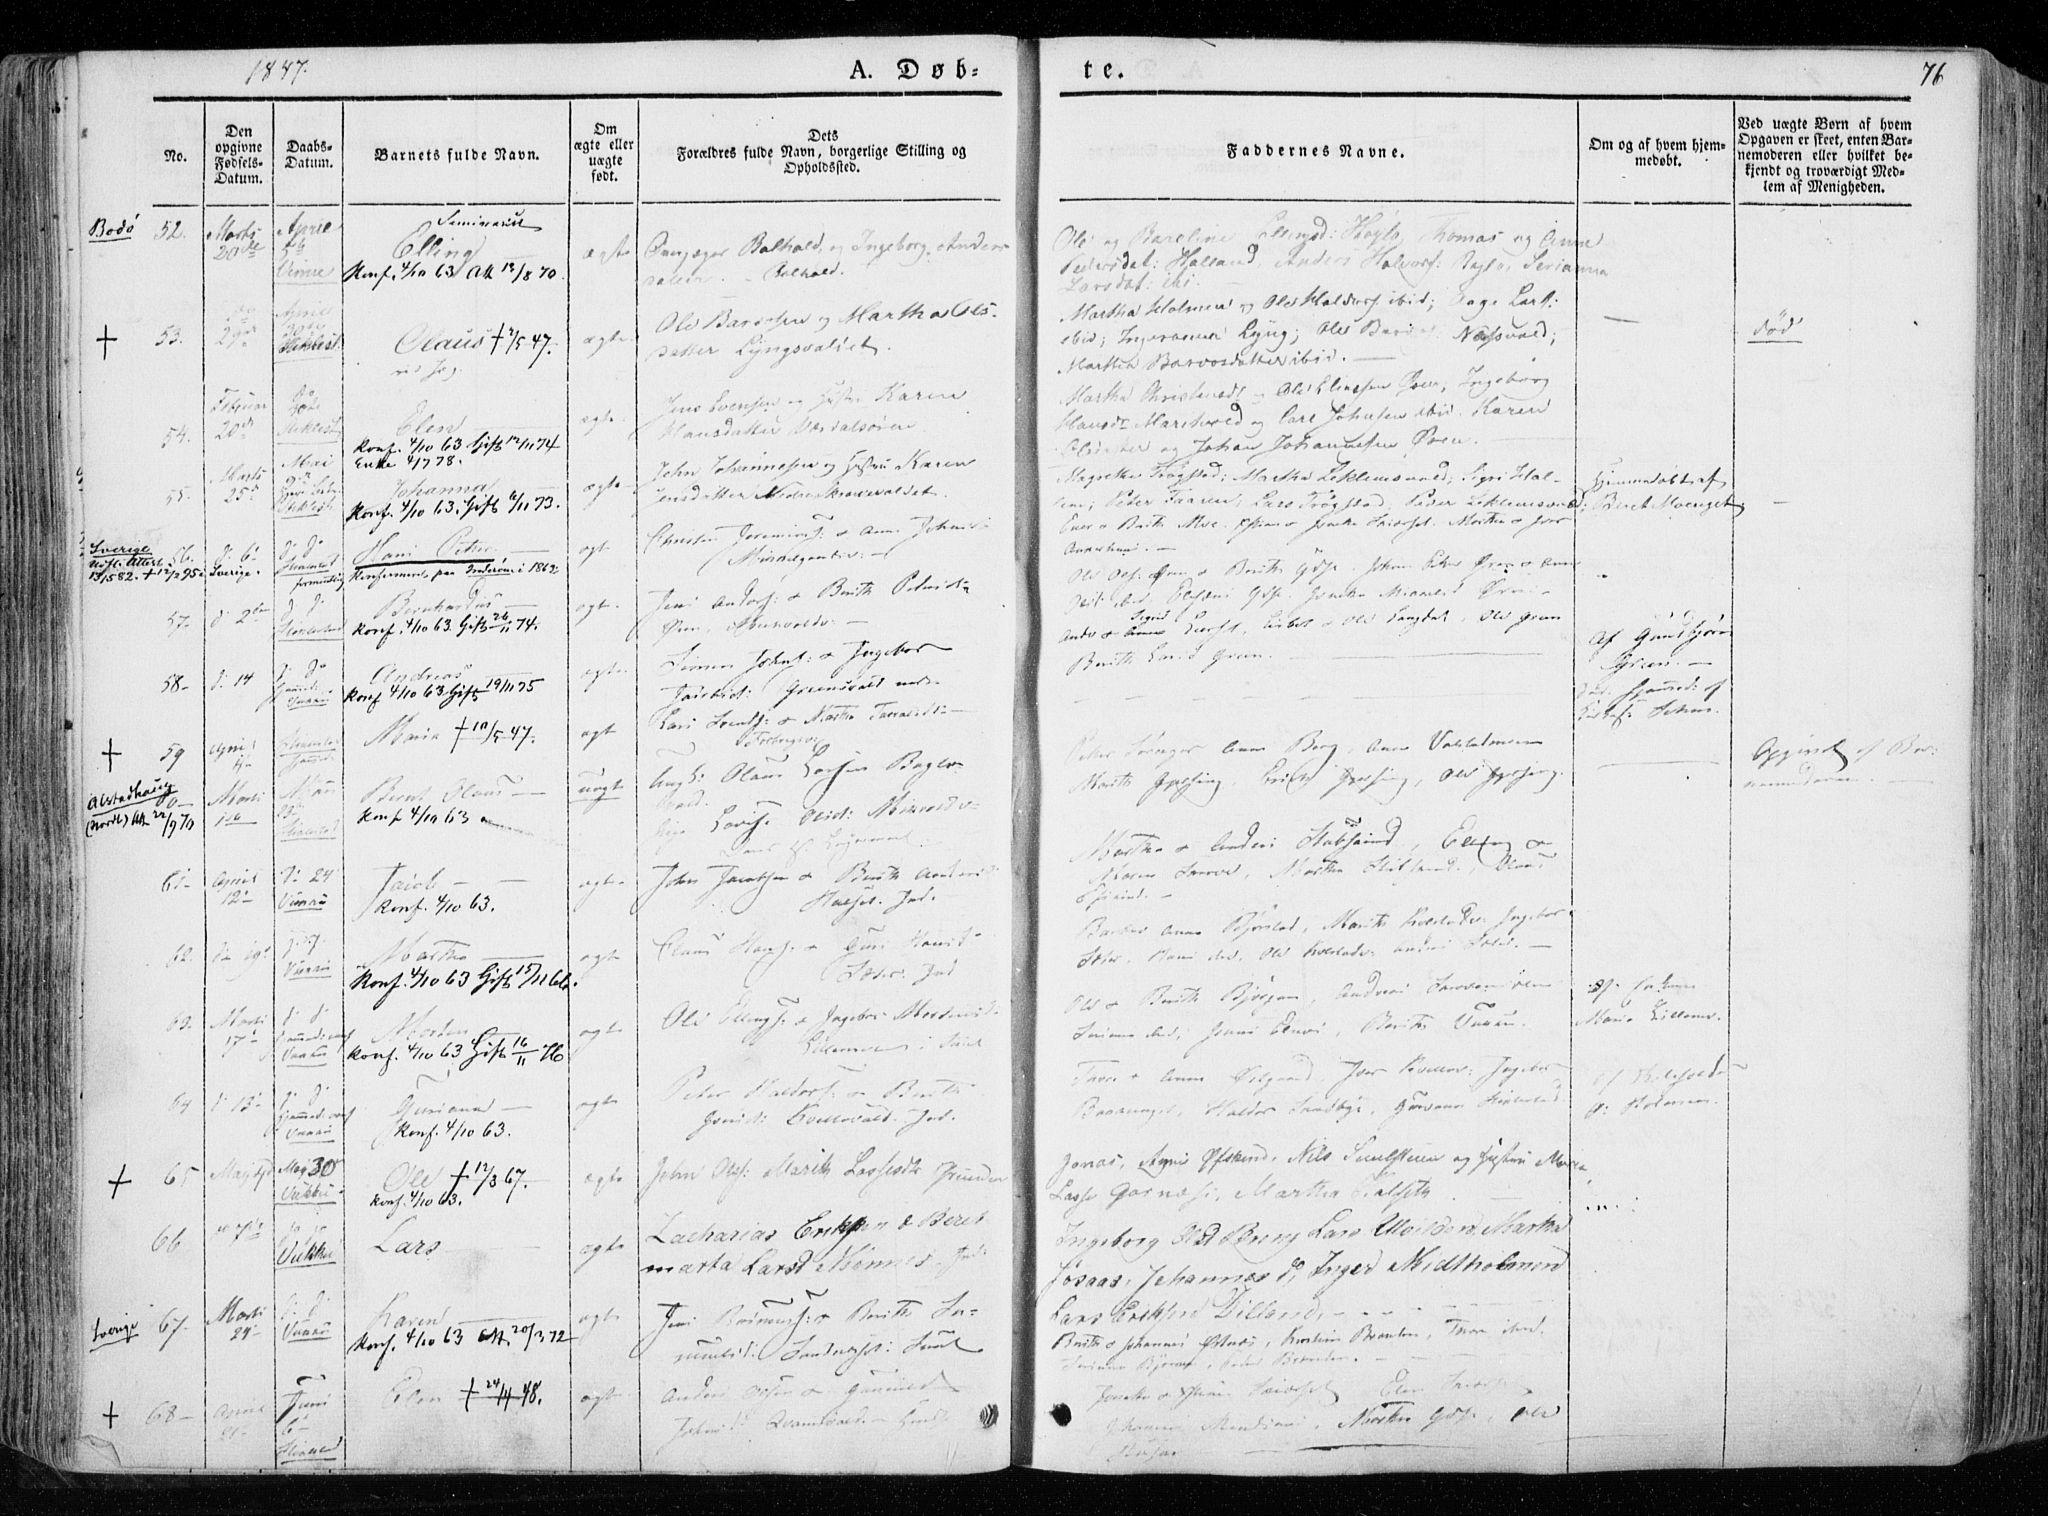 SAT, Ministerialprotokoller, klokkerbøker og fødselsregistre - Nord-Trøndelag, 723/L0239: Ministerialbok nr. 723A08, 1841-1851, s. 76